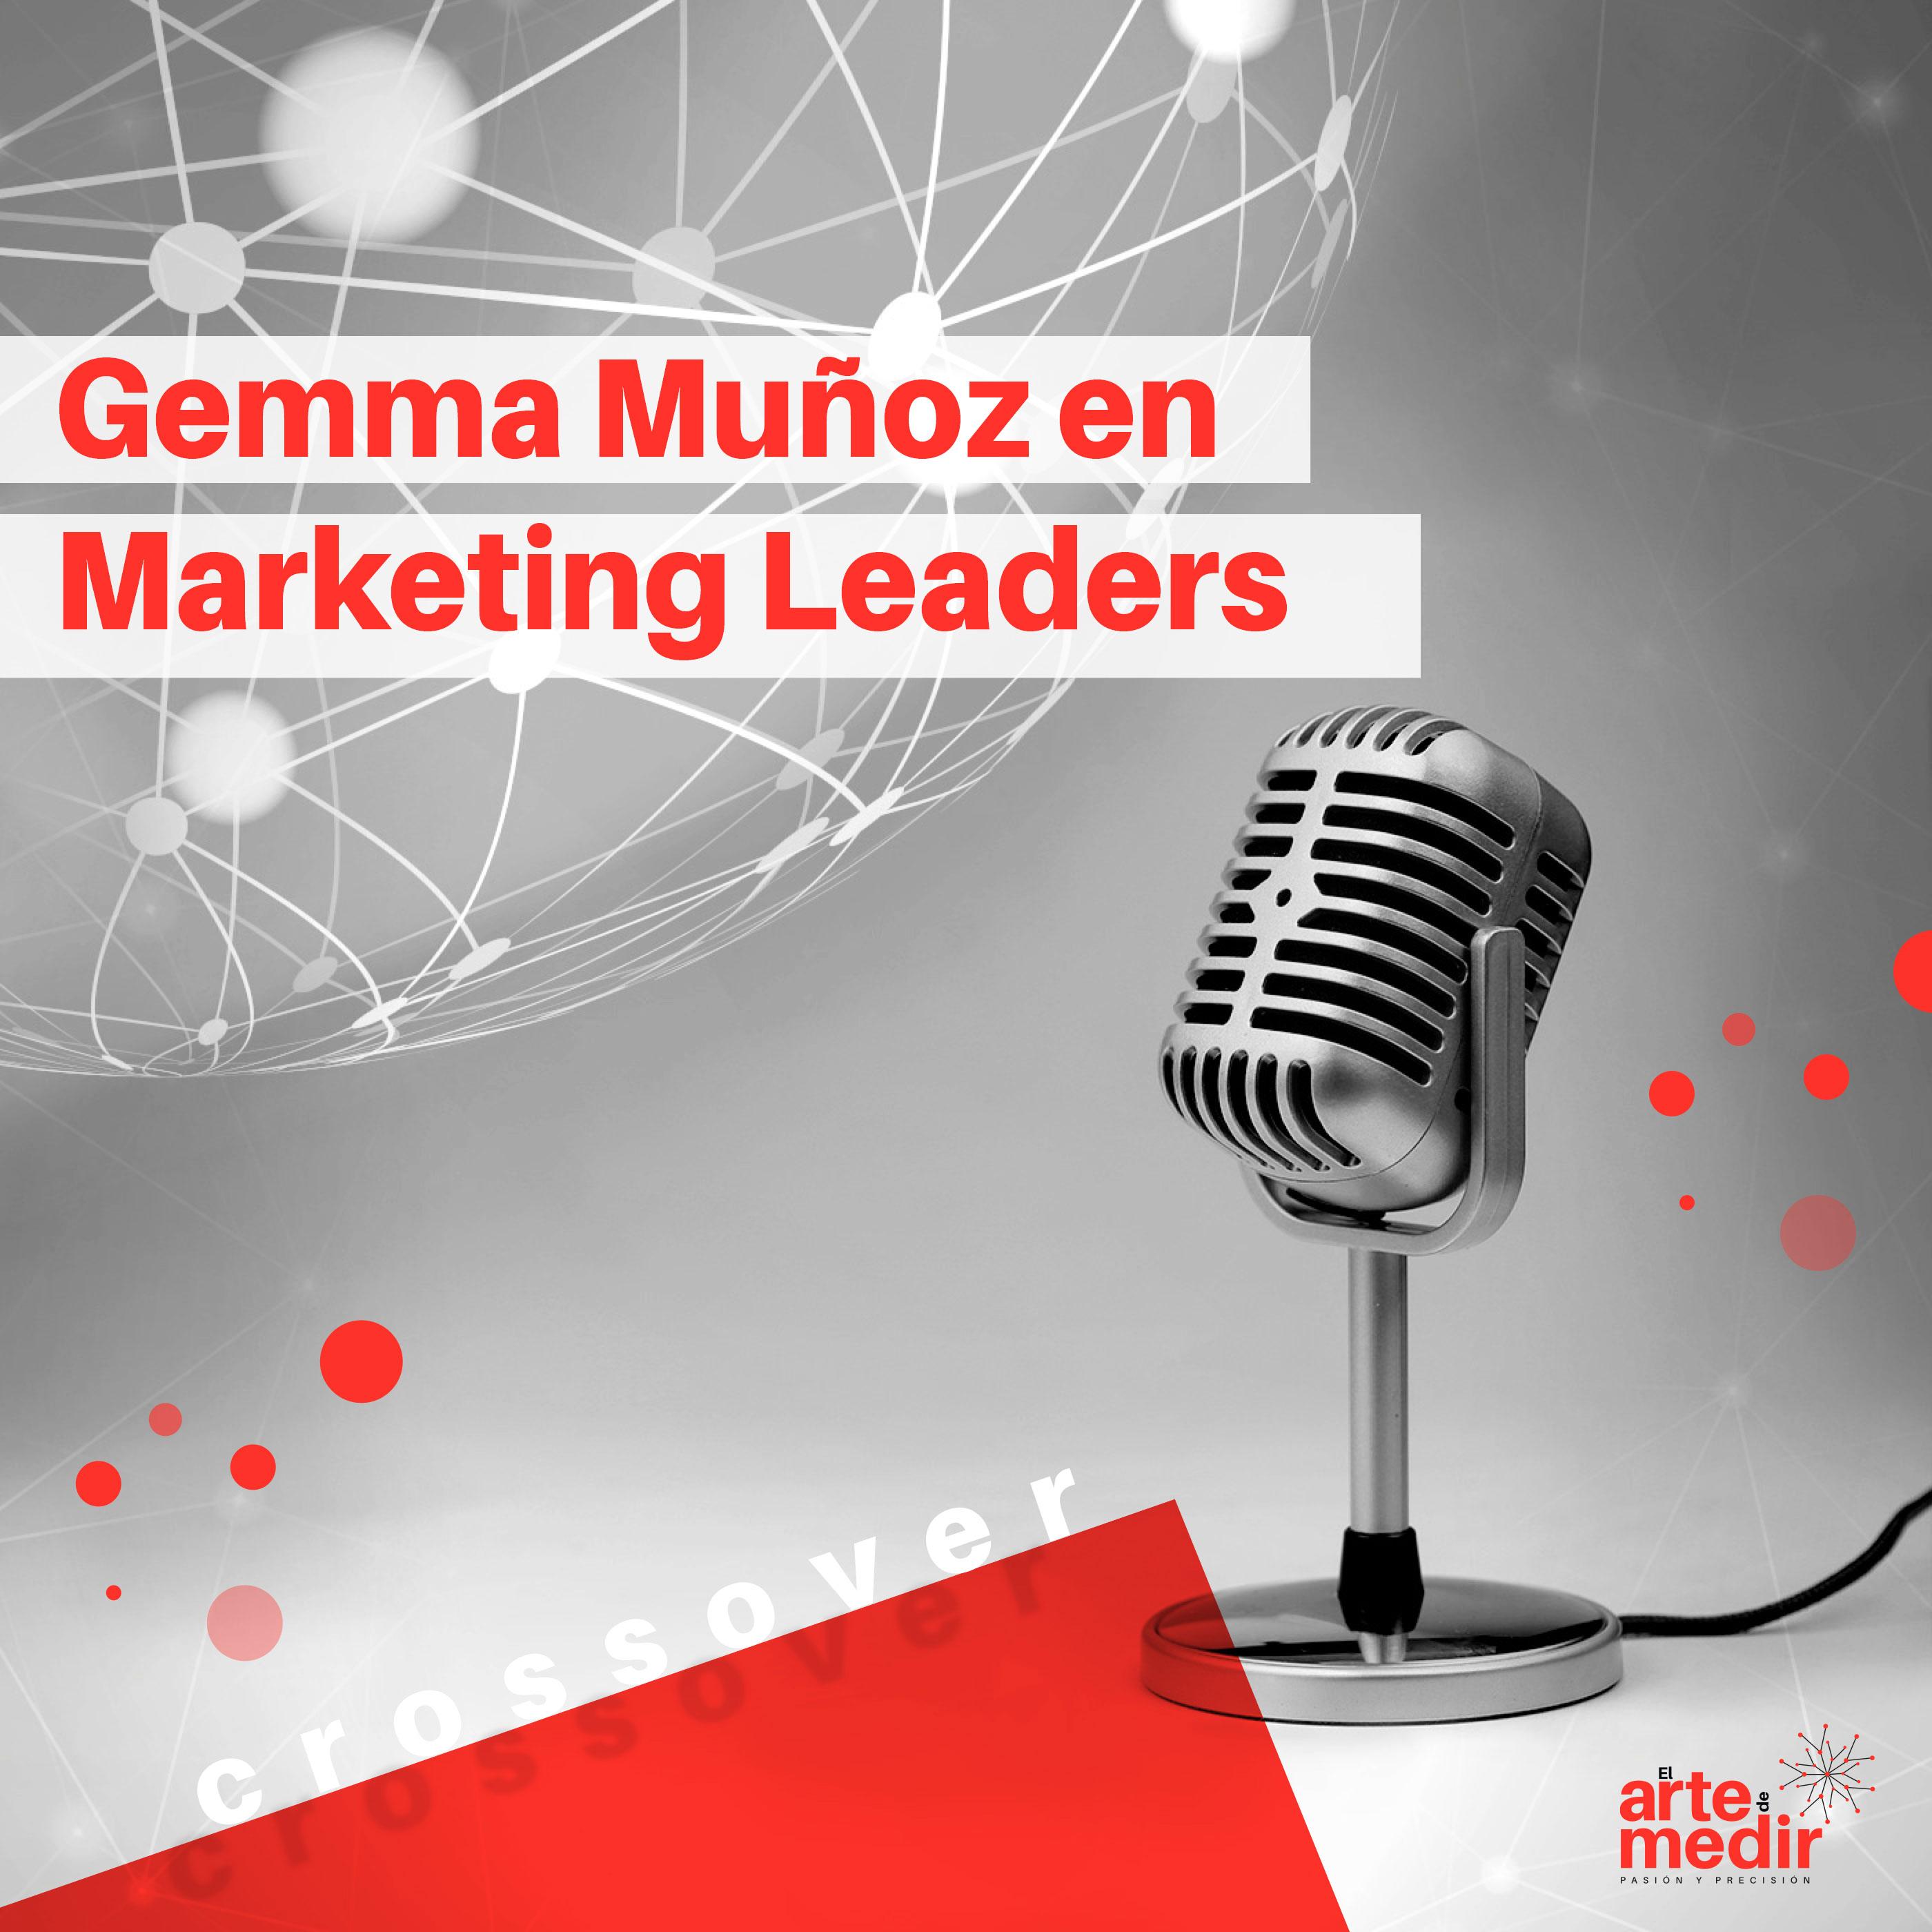 Gemma Muñoz en Marketing Leaders